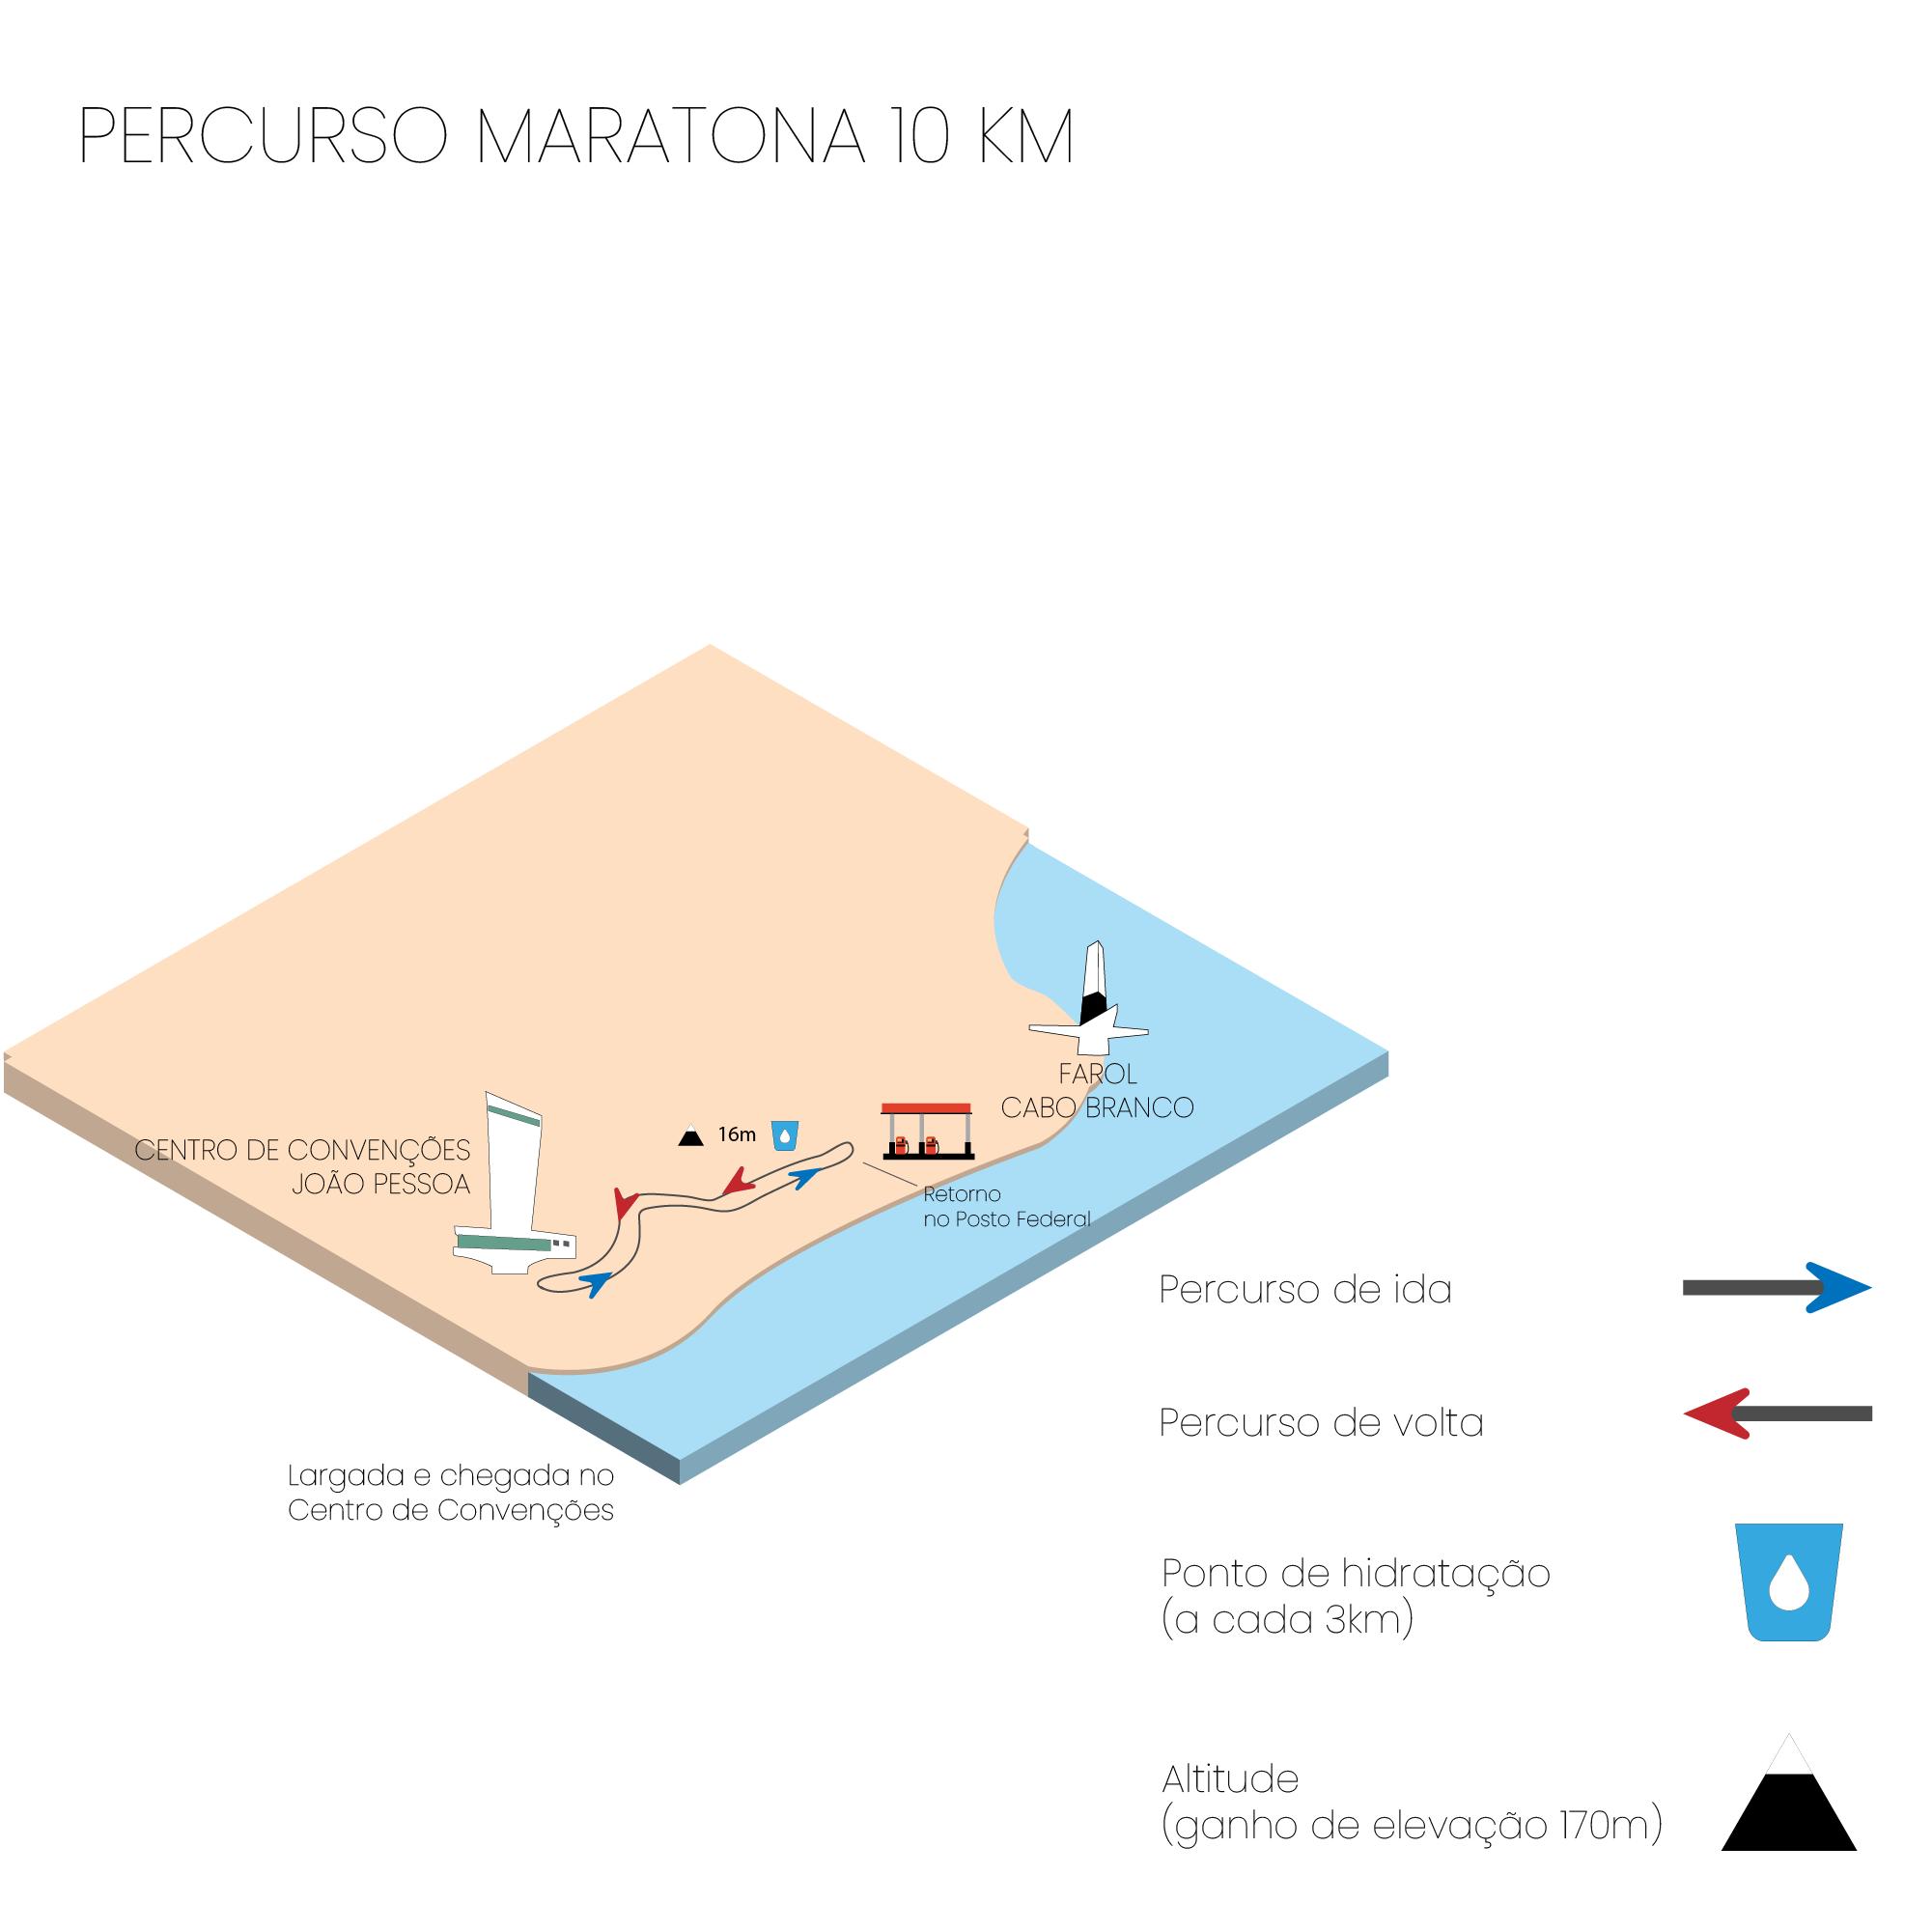 Meia Maratona Cidade de João Pessoa prova dos 10km